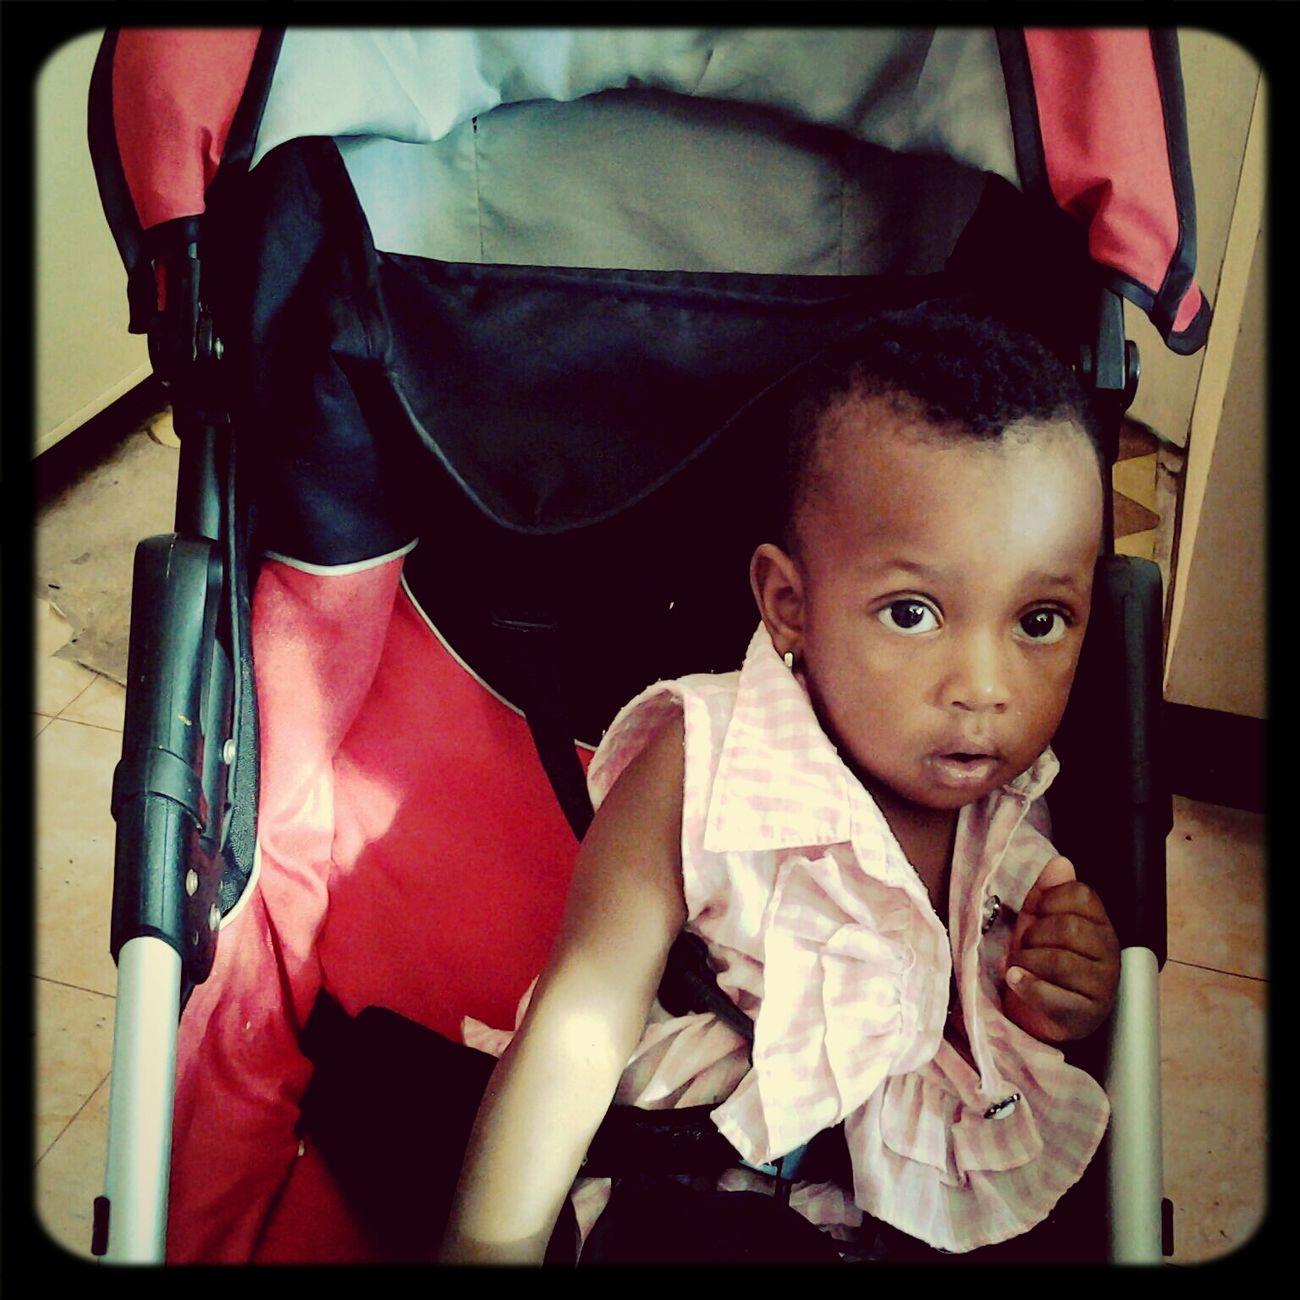 Mijn schatje J-Dian , oompie's modelletje